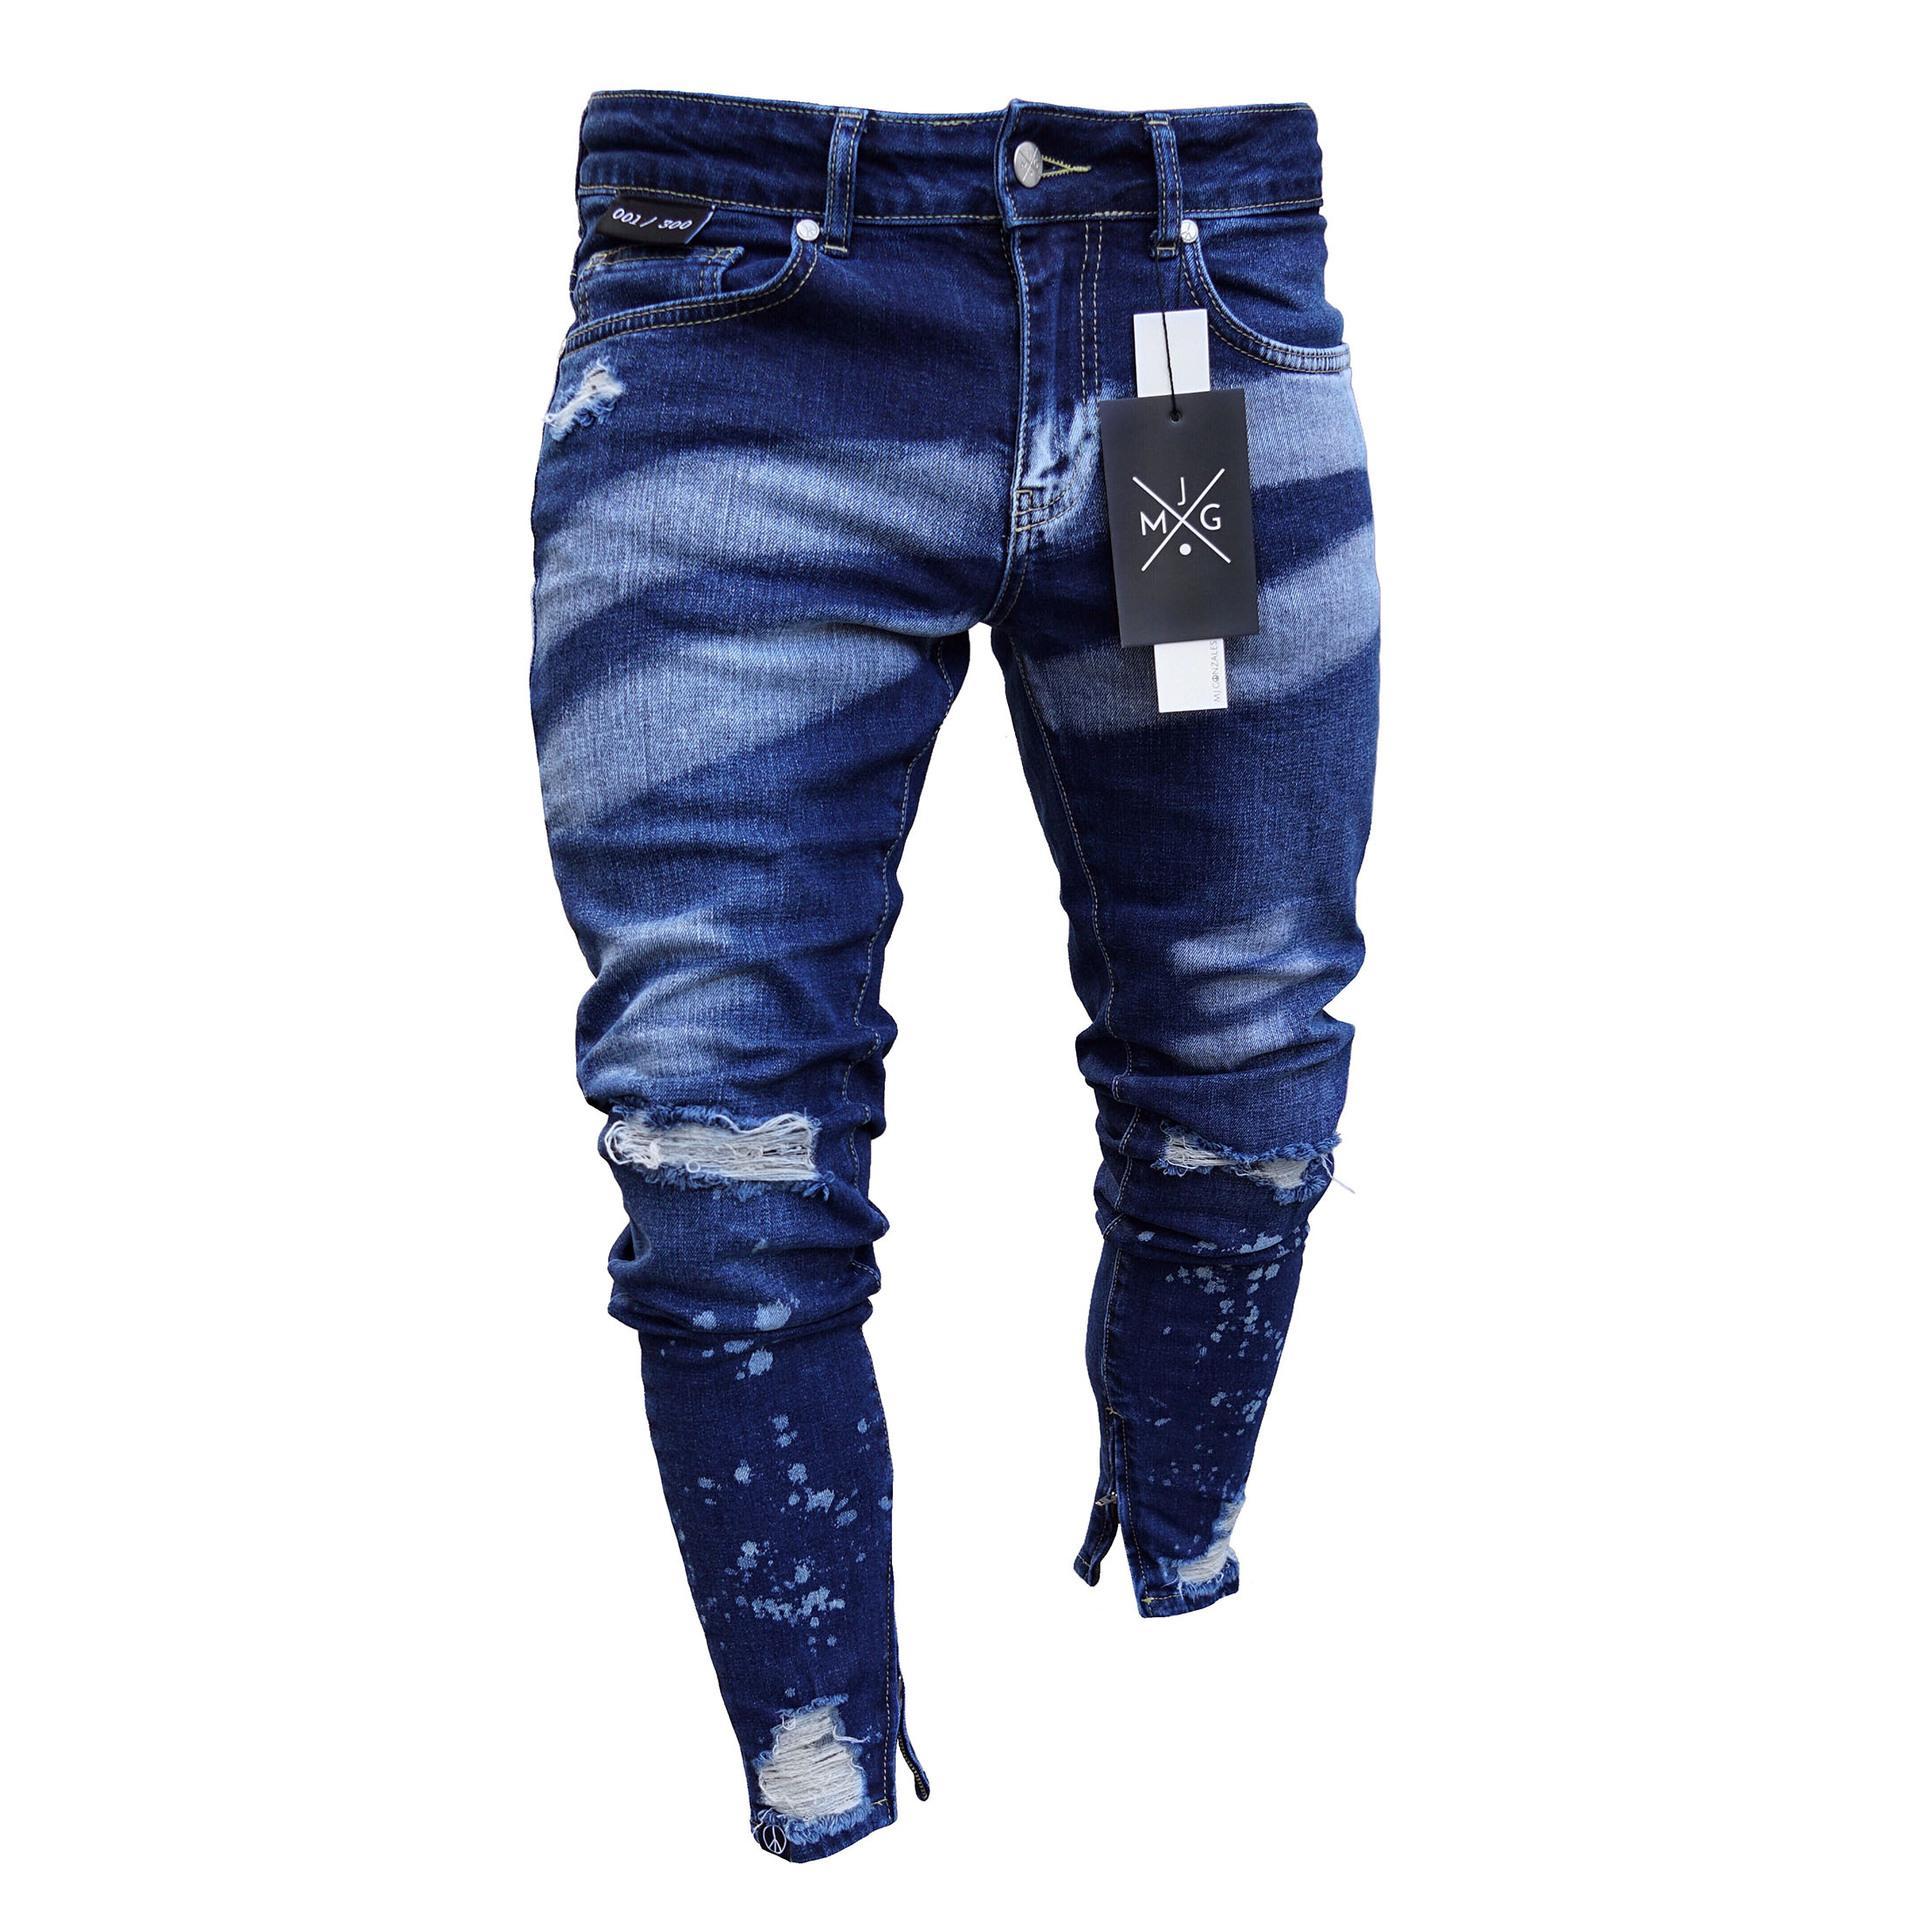 3bc41de533 Compre Azul Lavado Jeans Para Hombre Ropa Gradiente De Color Lápiz Pantalón  Jean Pantalones Vaqueros Ajustados De Corte Slim A  43.32 Del  Goaheadclothes ...